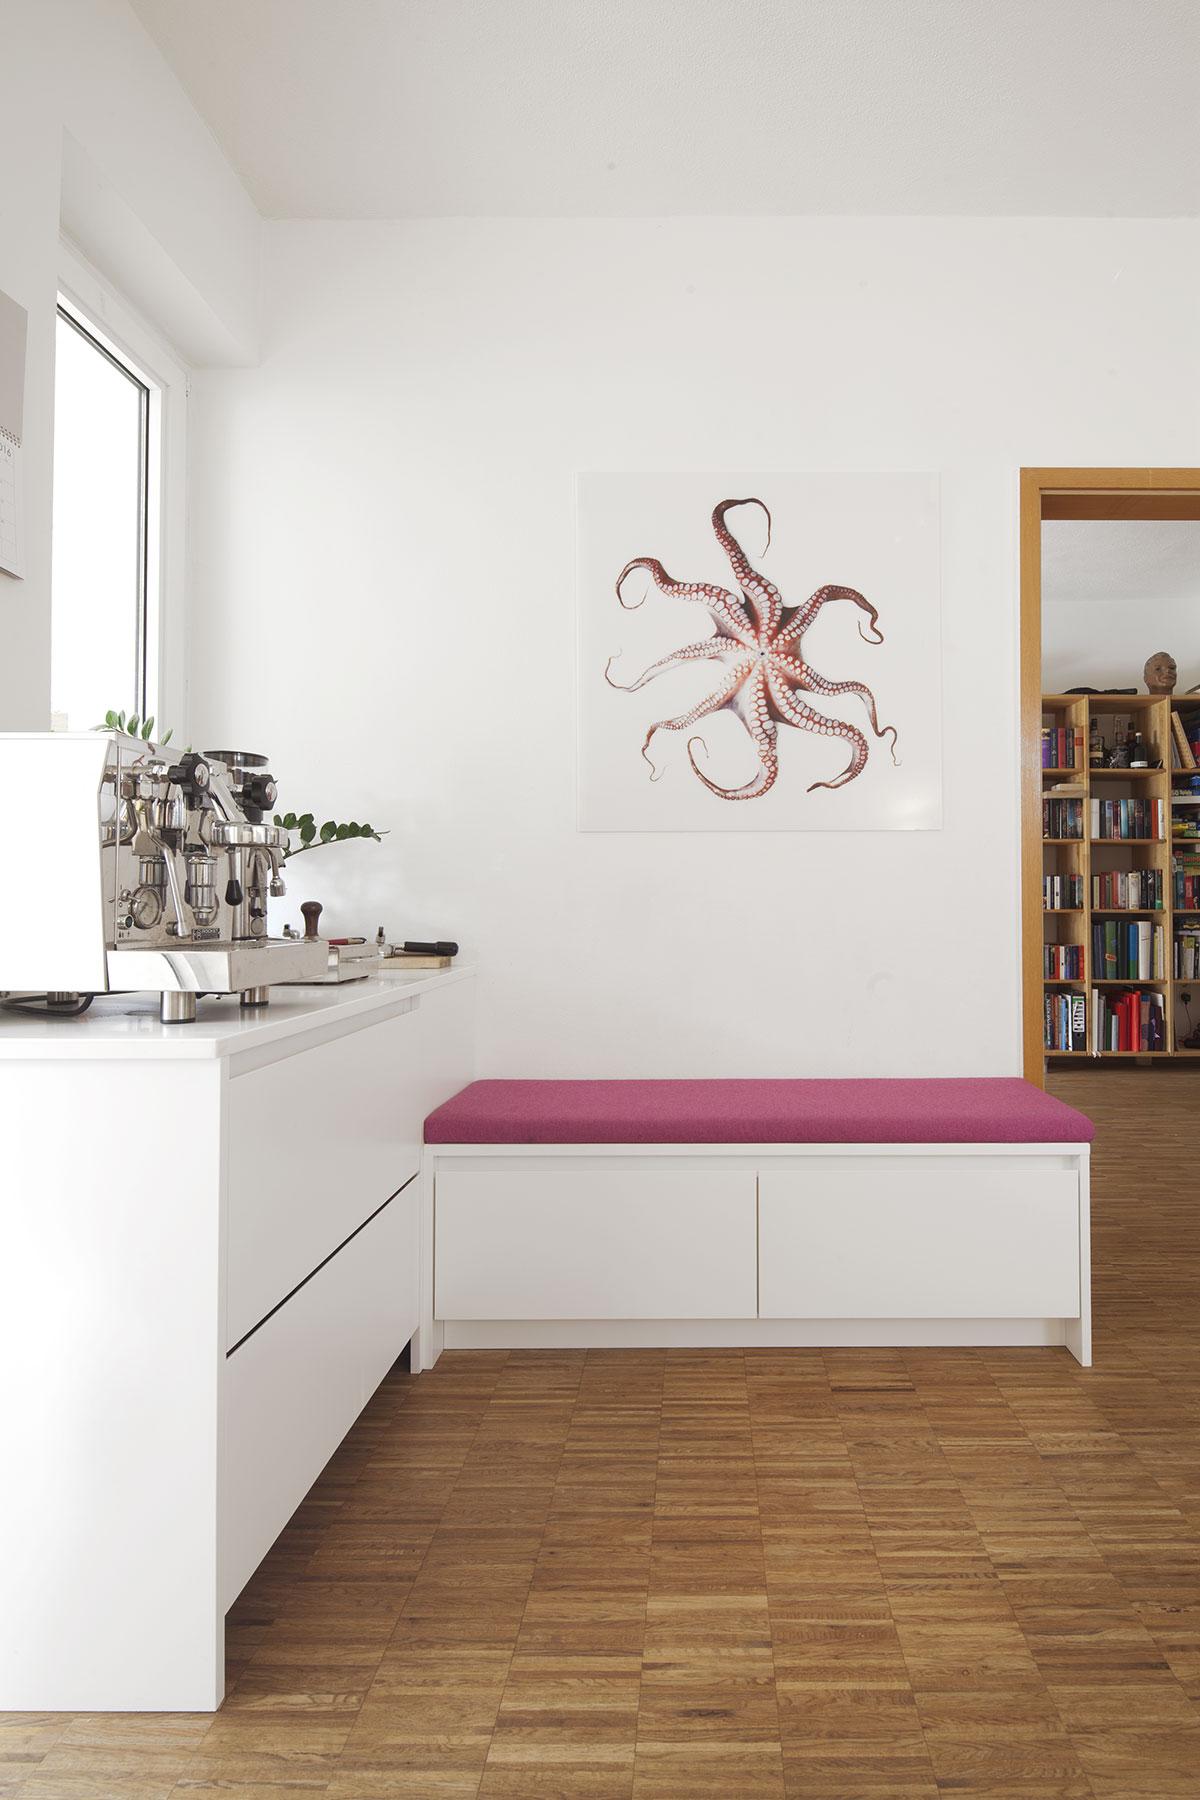 ikea k che abfluss anschlie en ikea k chensp le abfluss ikea abfluss k che. Black Bedroom Furniture Sets. Home Design Ideas